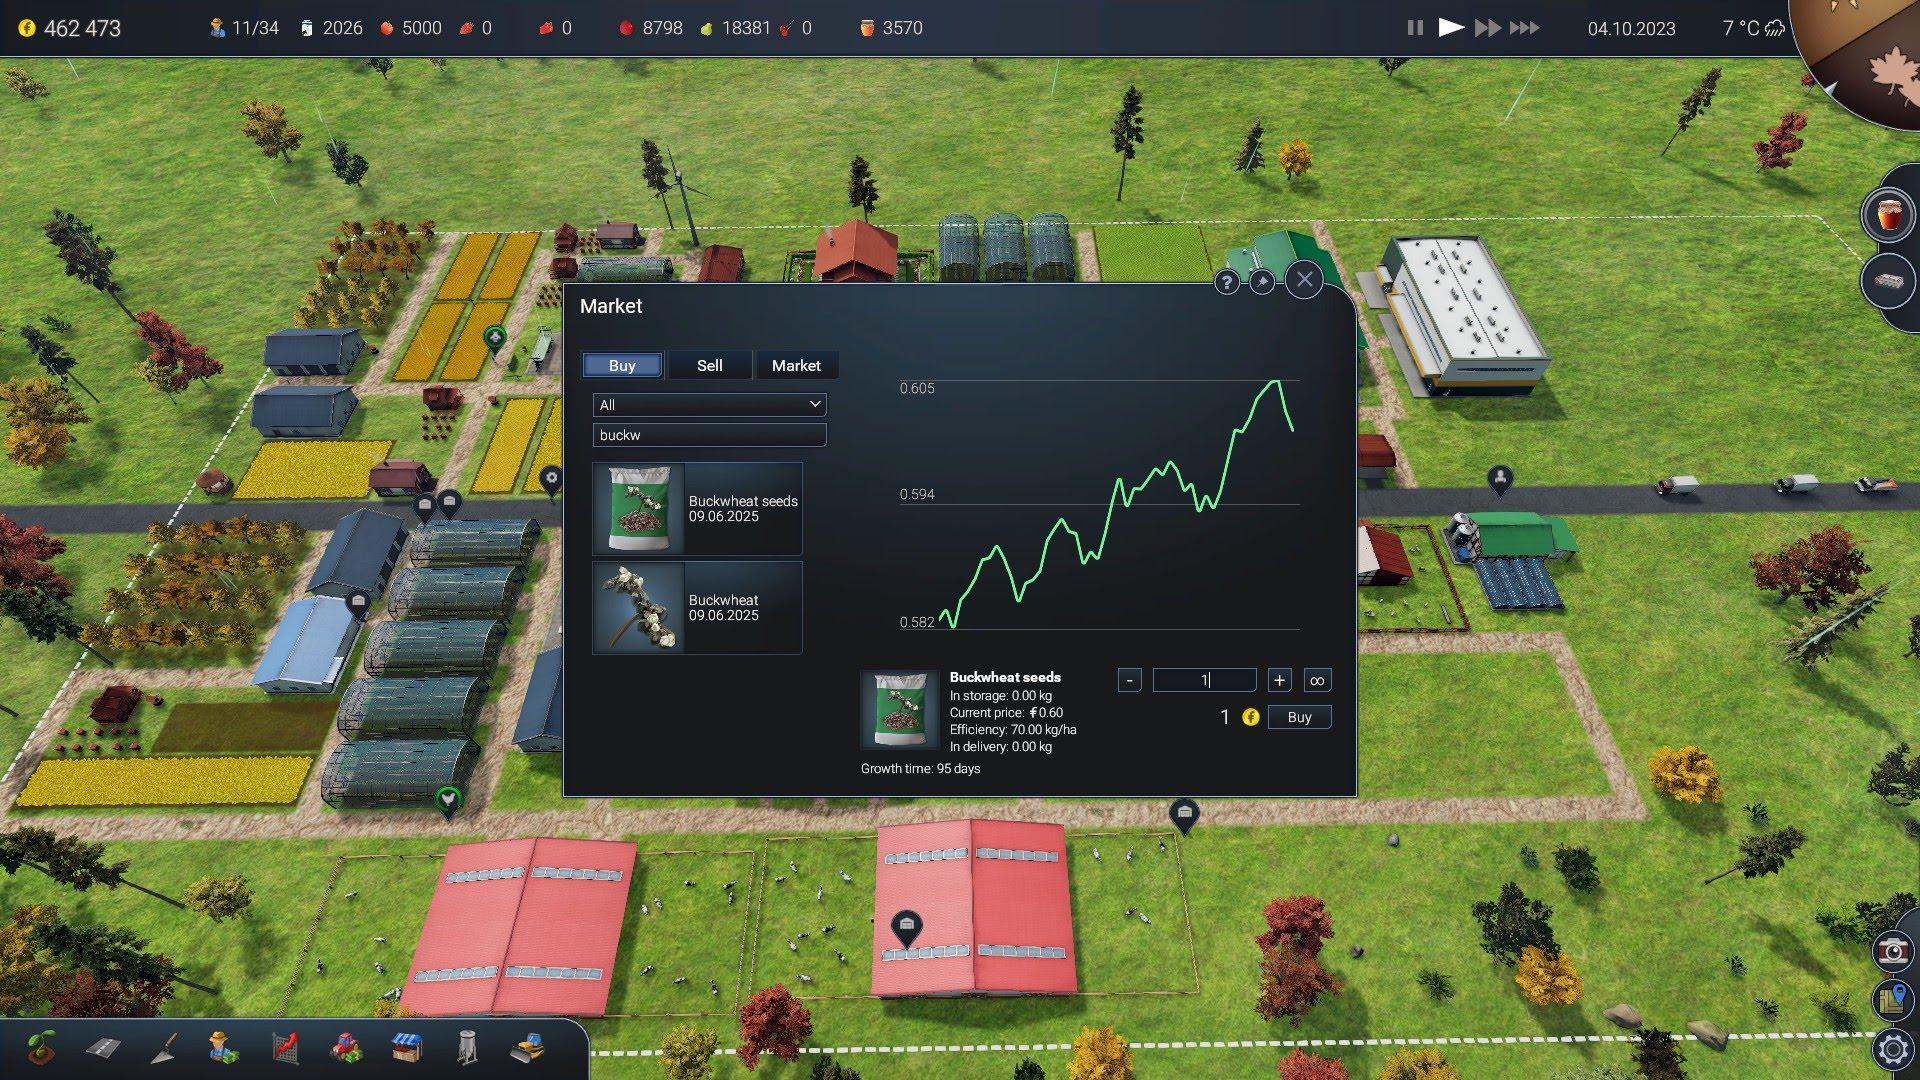 Farm Manager 2018 Menu and UI Design